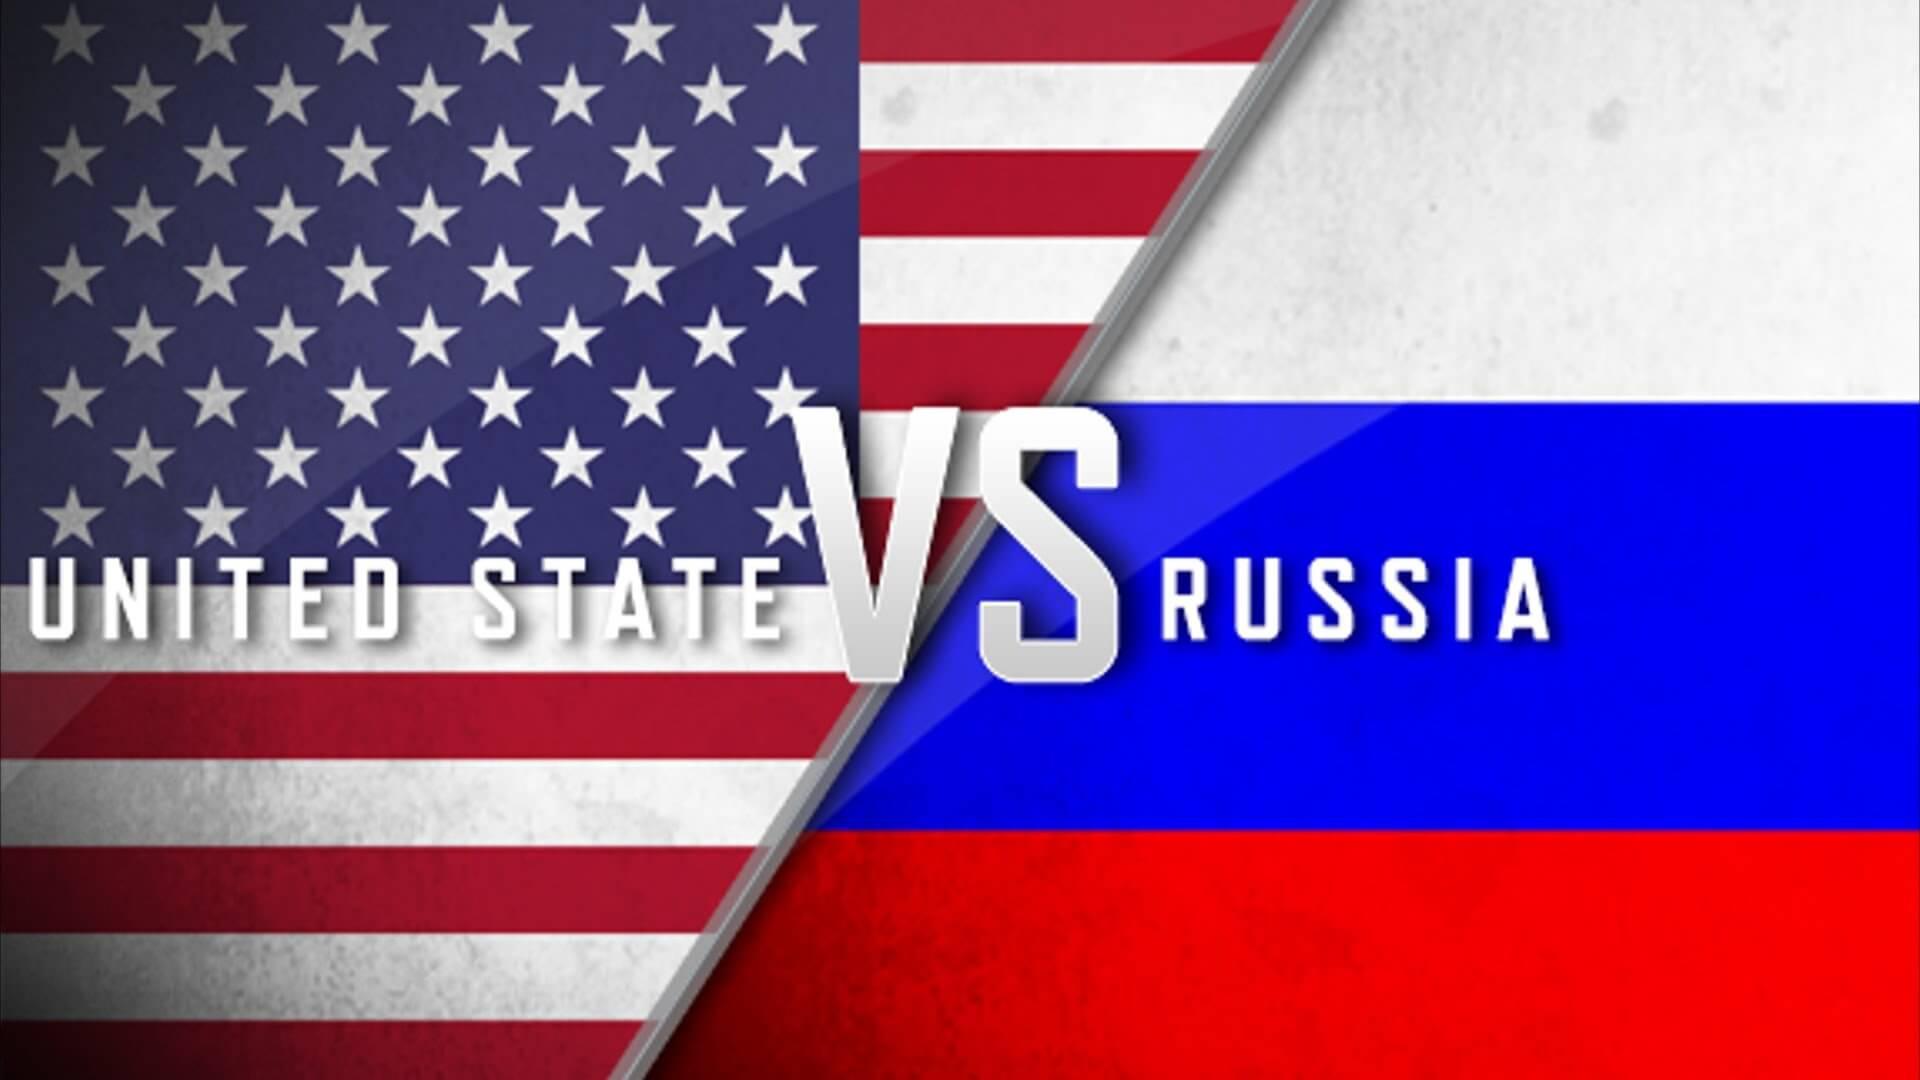 Анонс игры США - Россия 4 января 2017 года